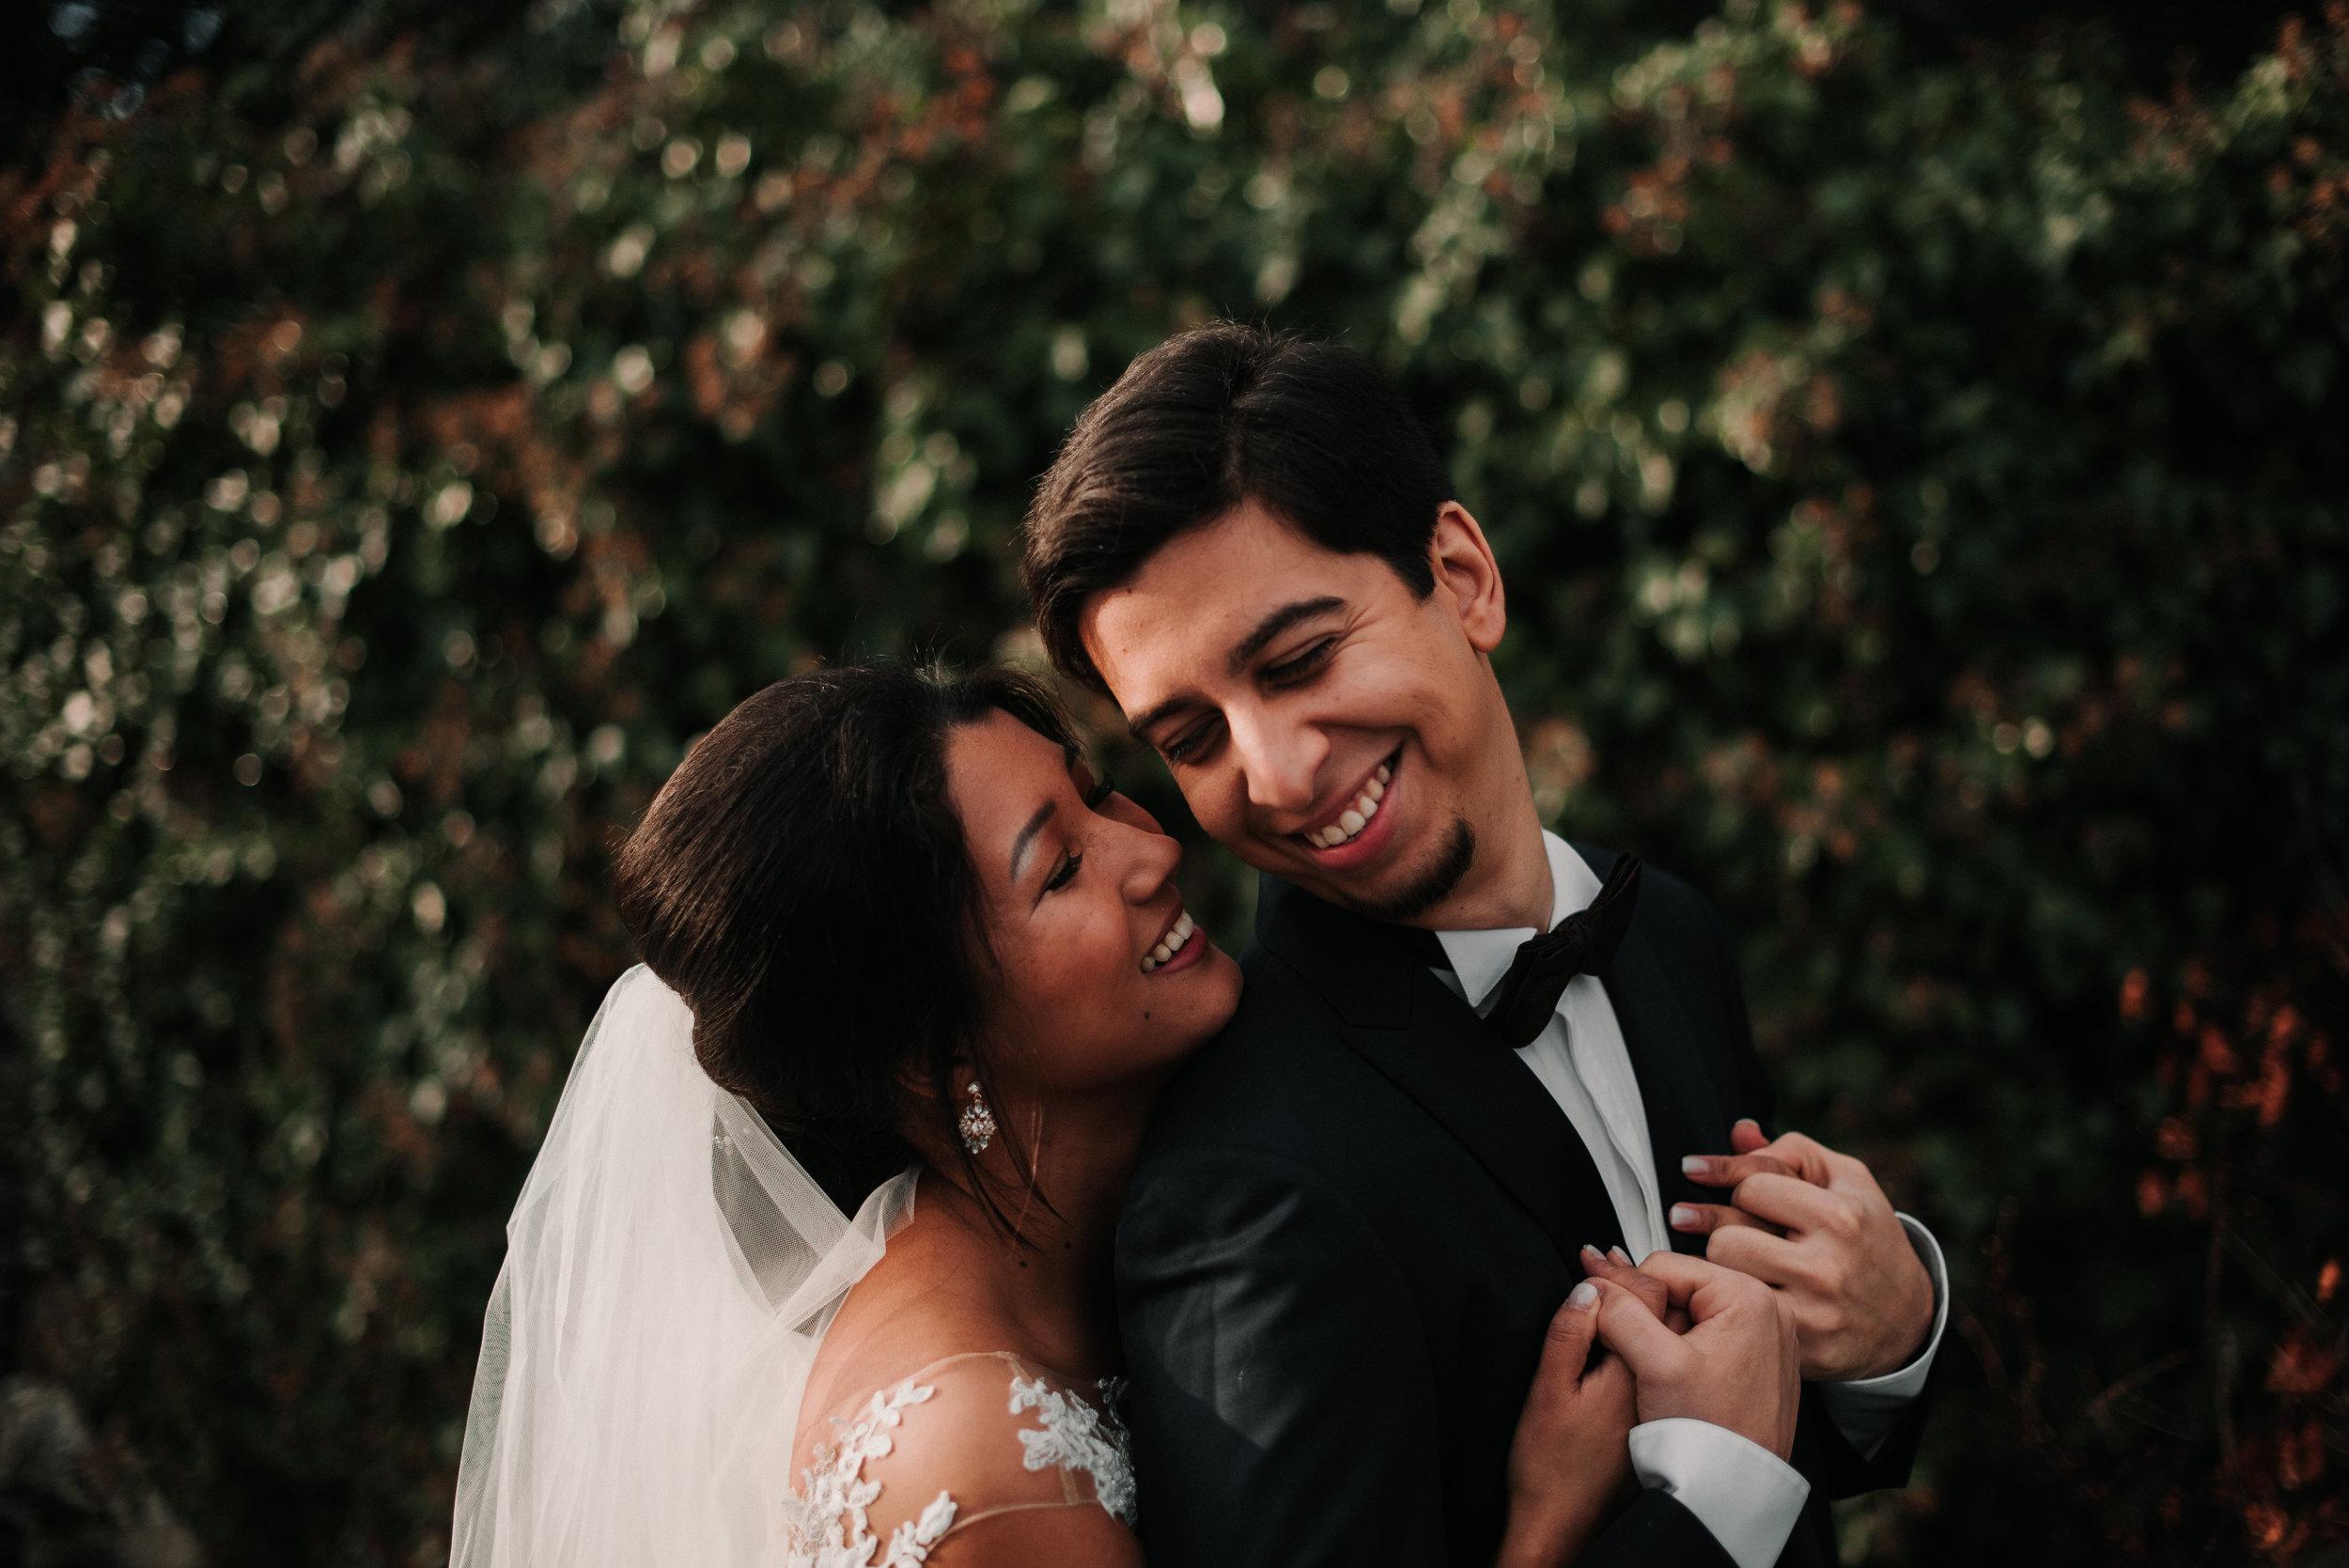 Léa-Fery-photographe-professionnel-lyon-rhone-alpes-portrait-creation-mariage-evenement-evenementiel-famille-7011.jpg